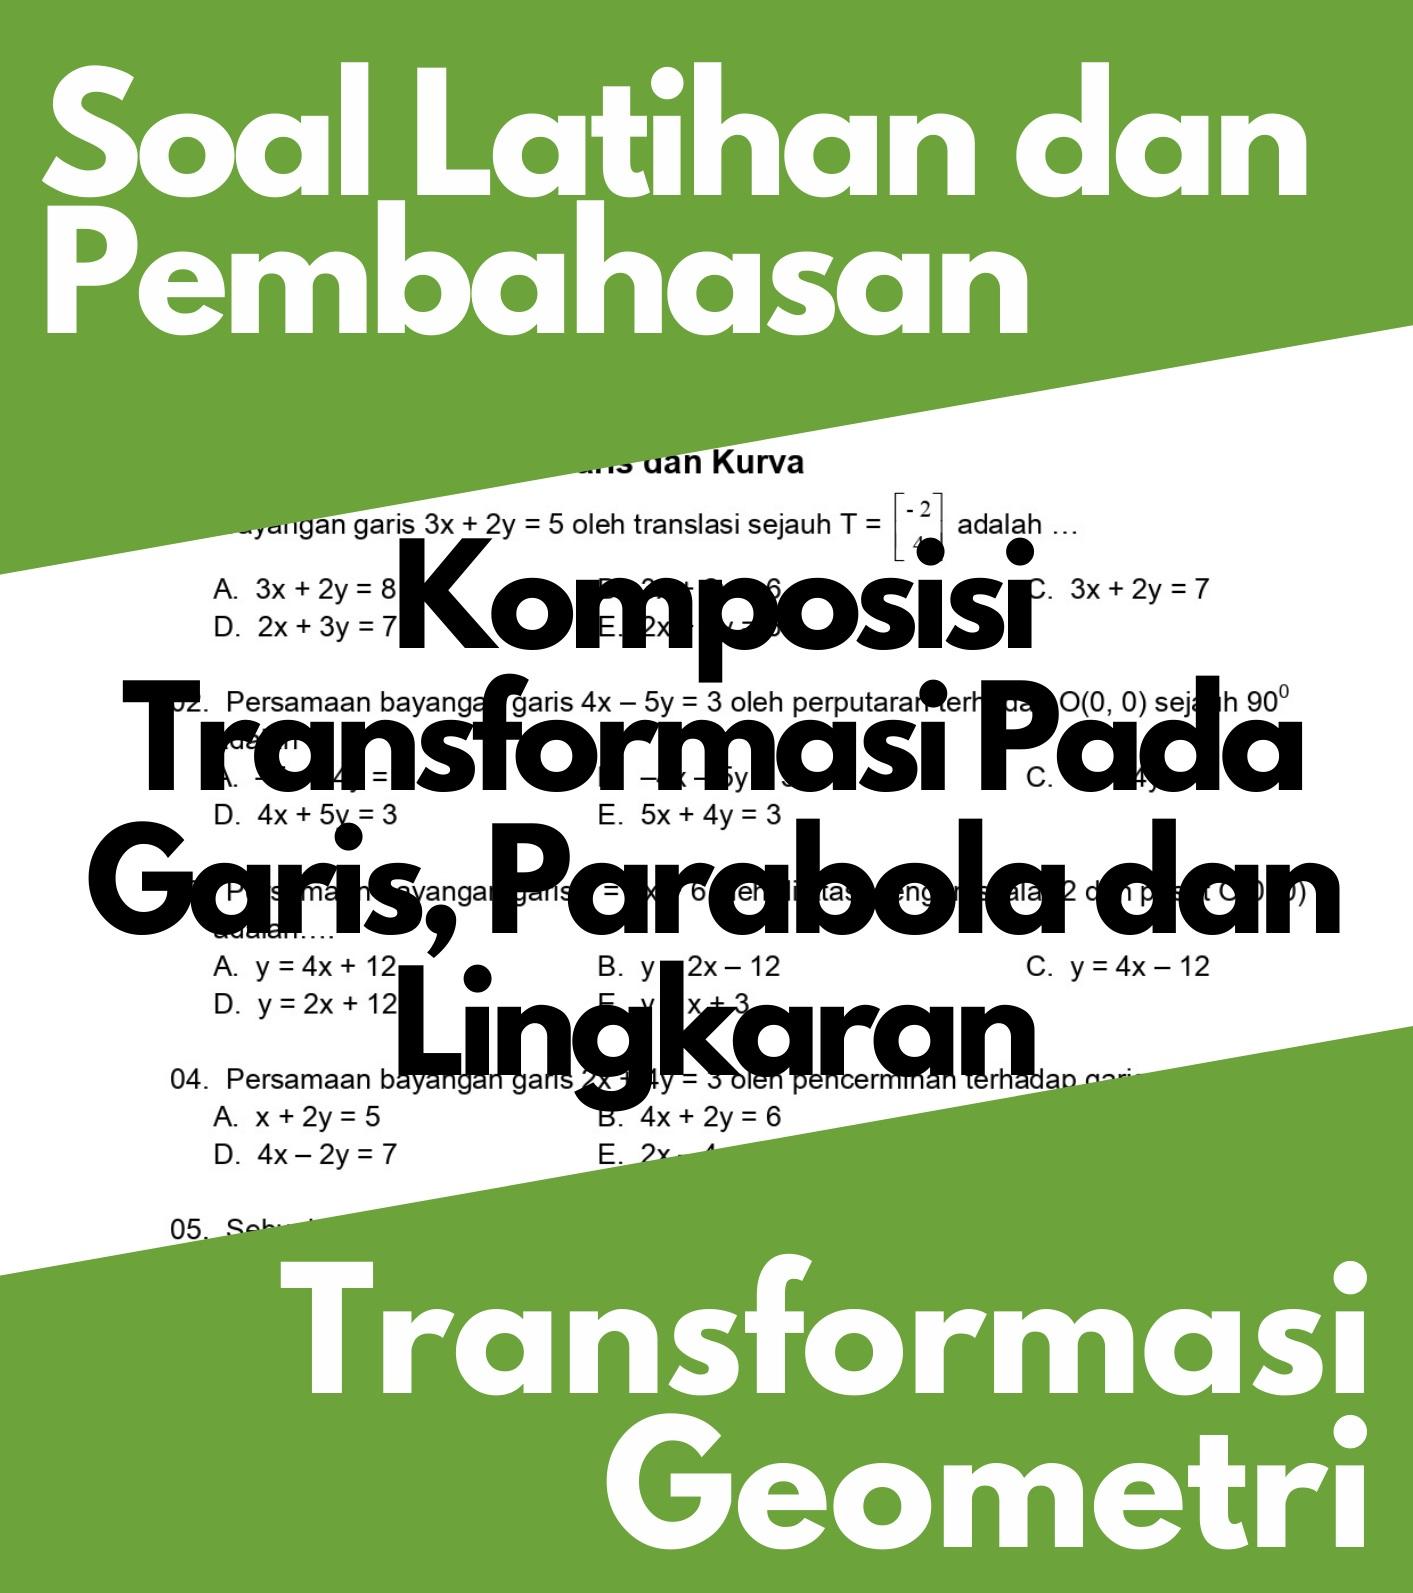 Transformasi Geometri, Soal Latihan dan Pembahasan Komposisi Transformasi Pada Garis, Parabola dan Lingkaran